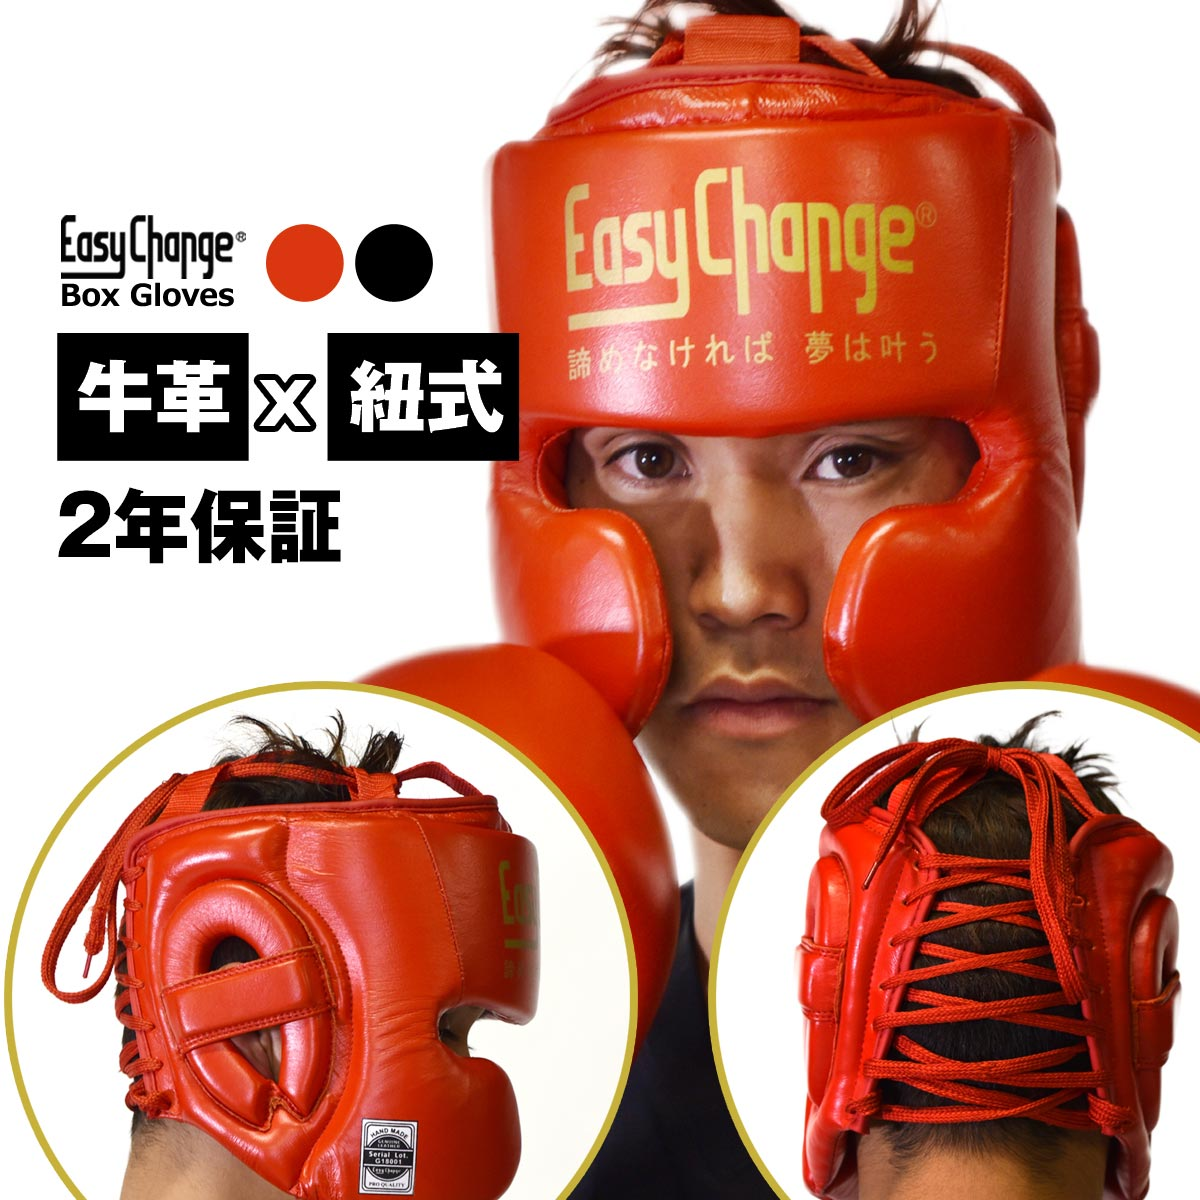 ボクシングヘッドギア プロ仕様 2年保証 グローリータイプ 紐式 牛革 本革 EasyChange イージーチェンジ (ヘッドガード キックボクシング 総合格闘技 頭部 プロテクター )